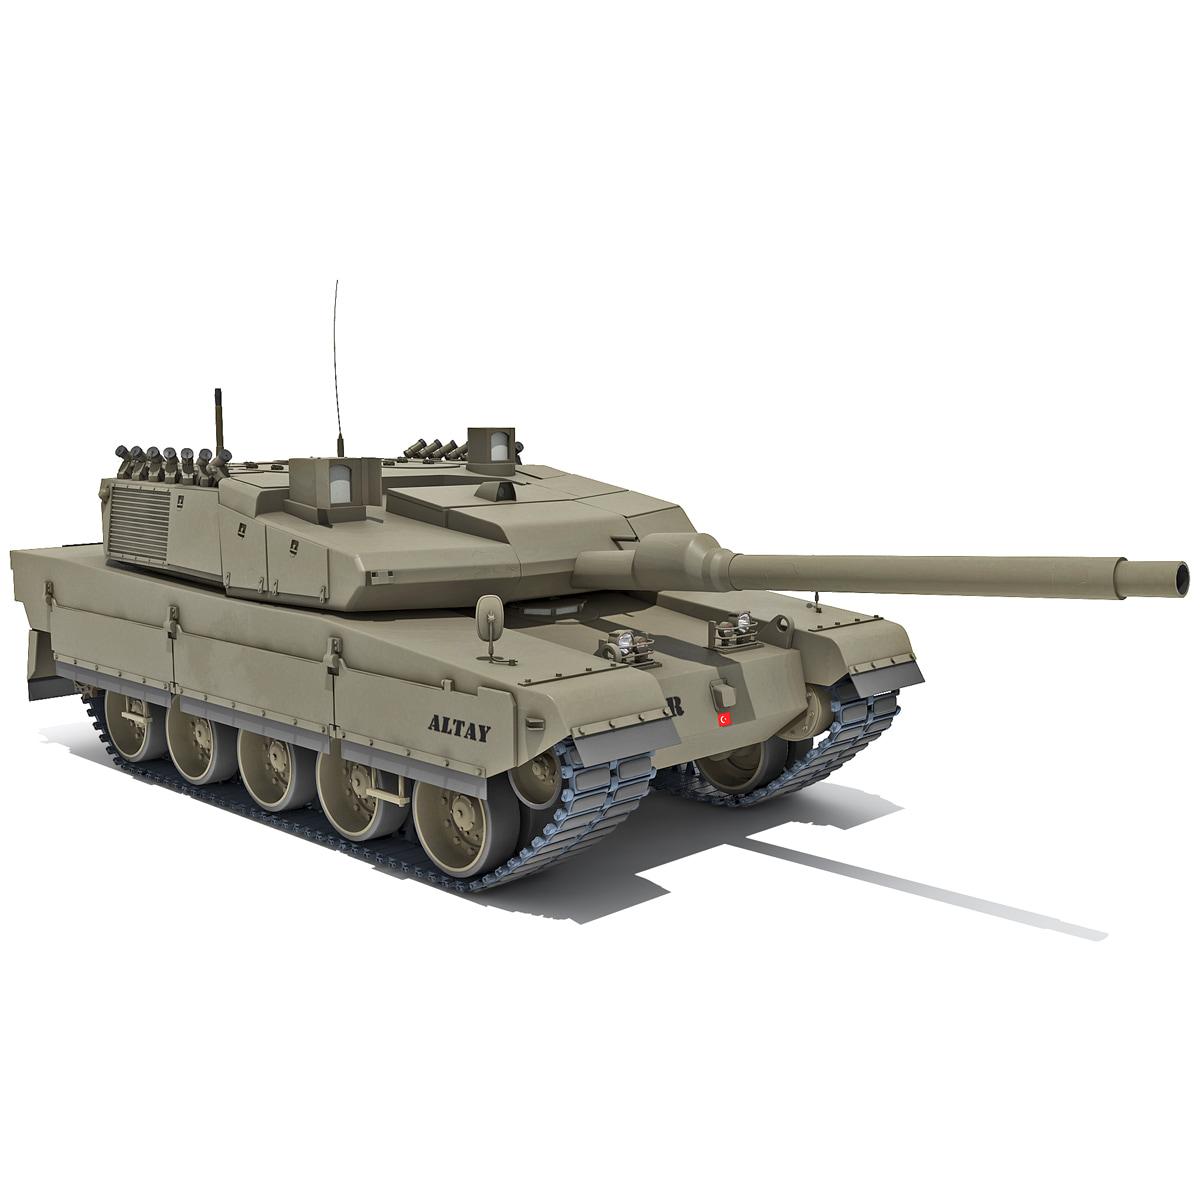 altay turkish main battle tank 3d max